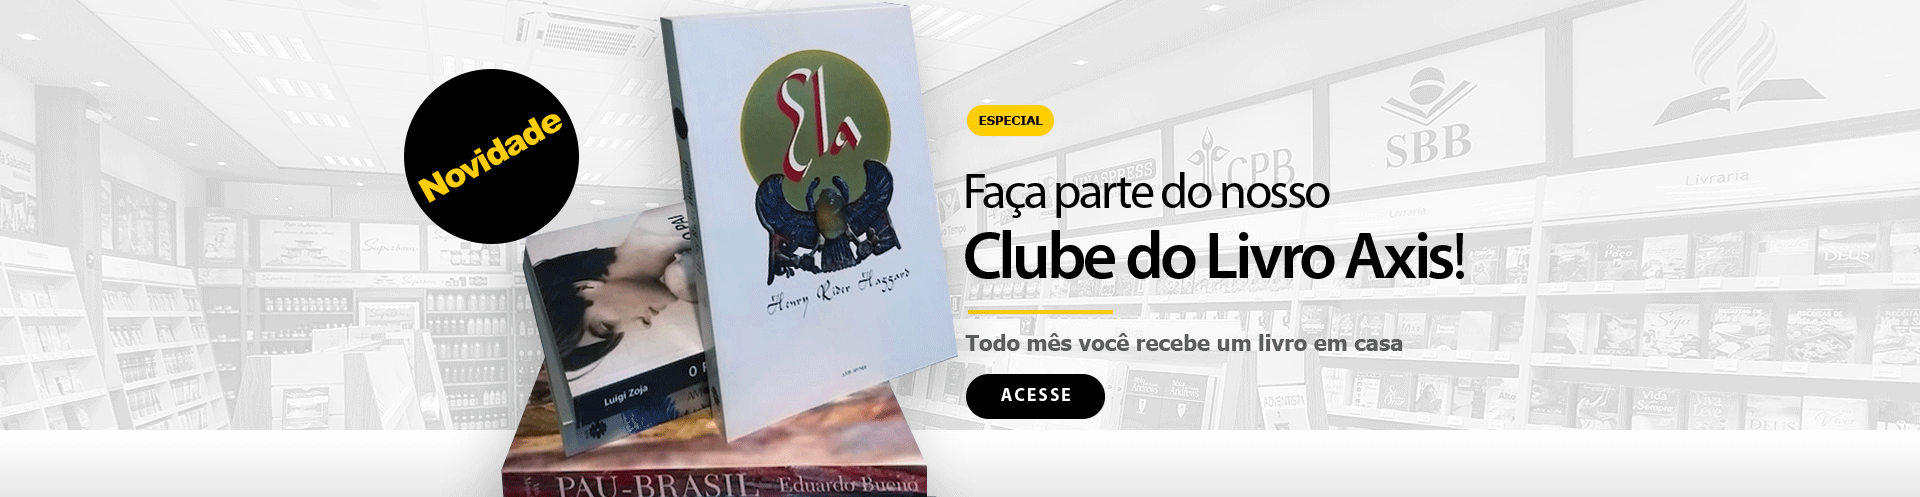 Clube do Livro Axis